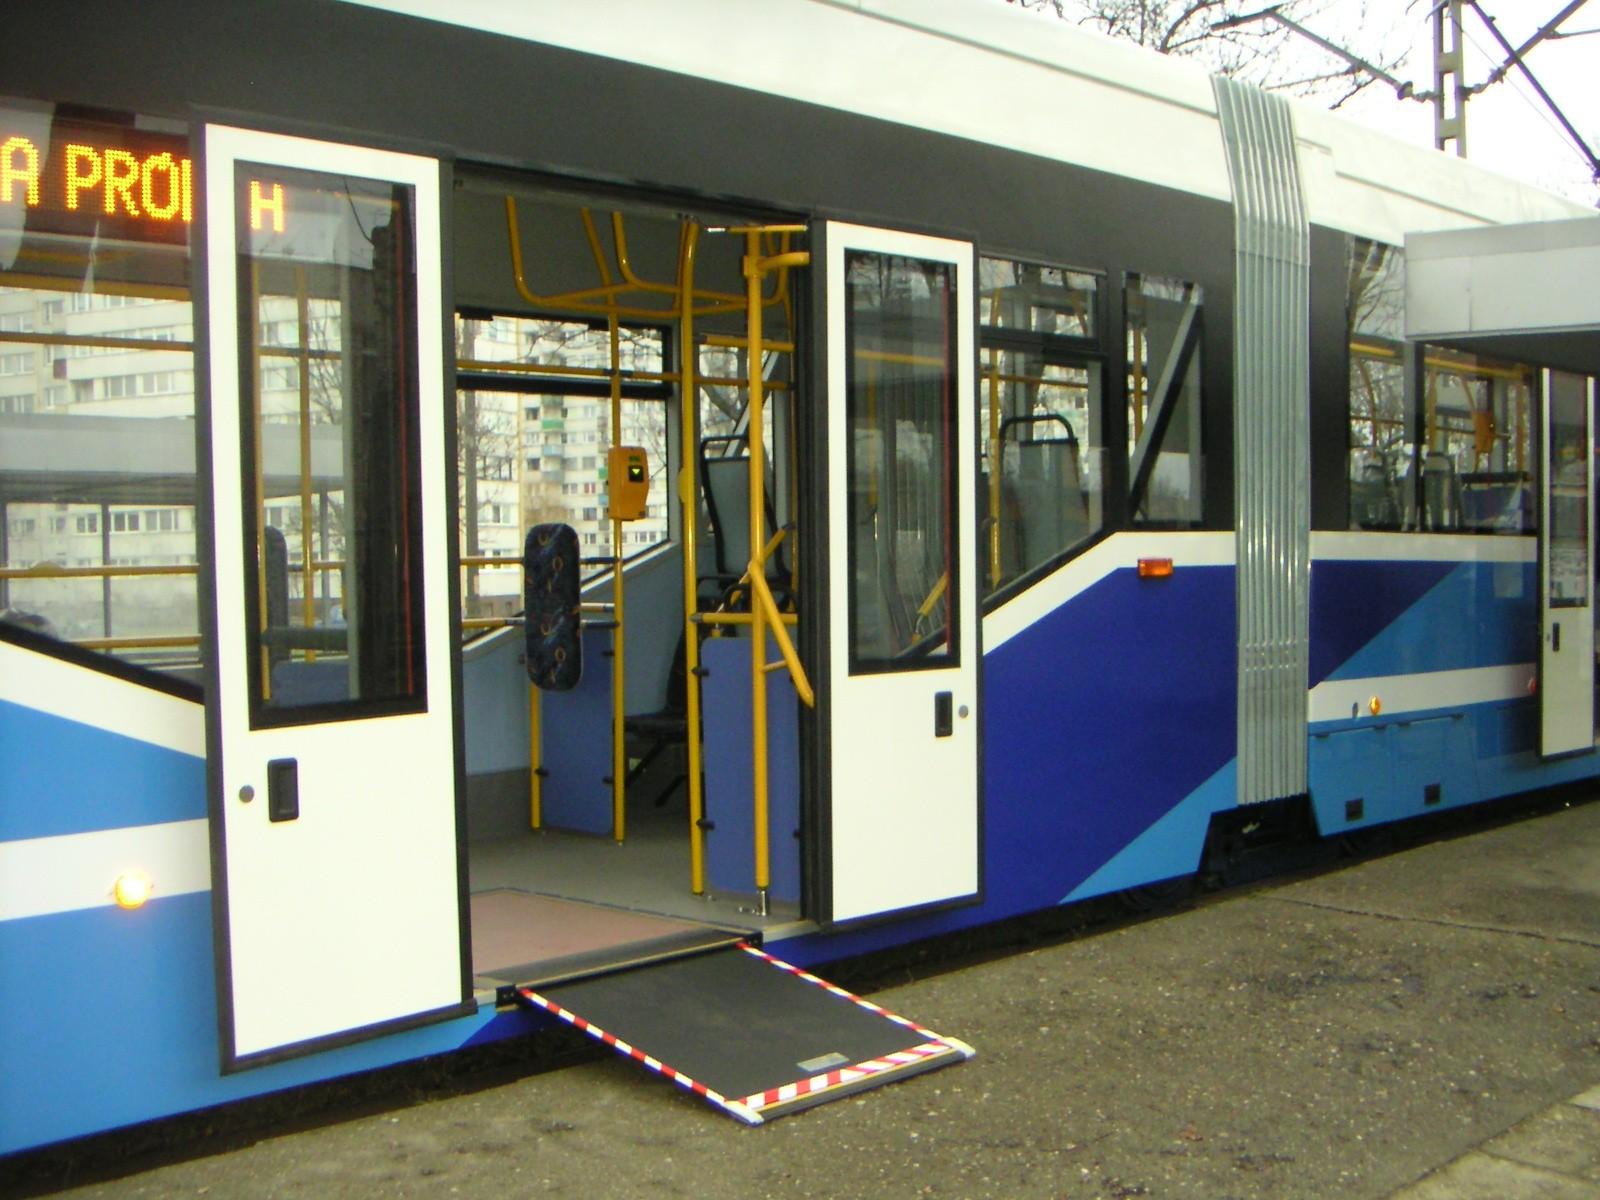 低底盤公車,提供行動不便的身障者一起搭乘大眾運輸系統的工具((照片來源:楊玉欣立委辦公室))